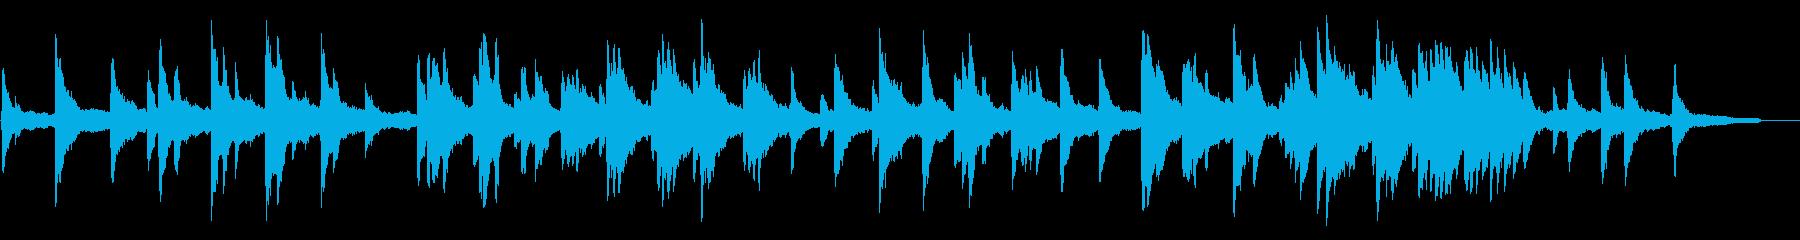 ヒーリングピアノ組曲 まどろみ 6の再生済みの波形